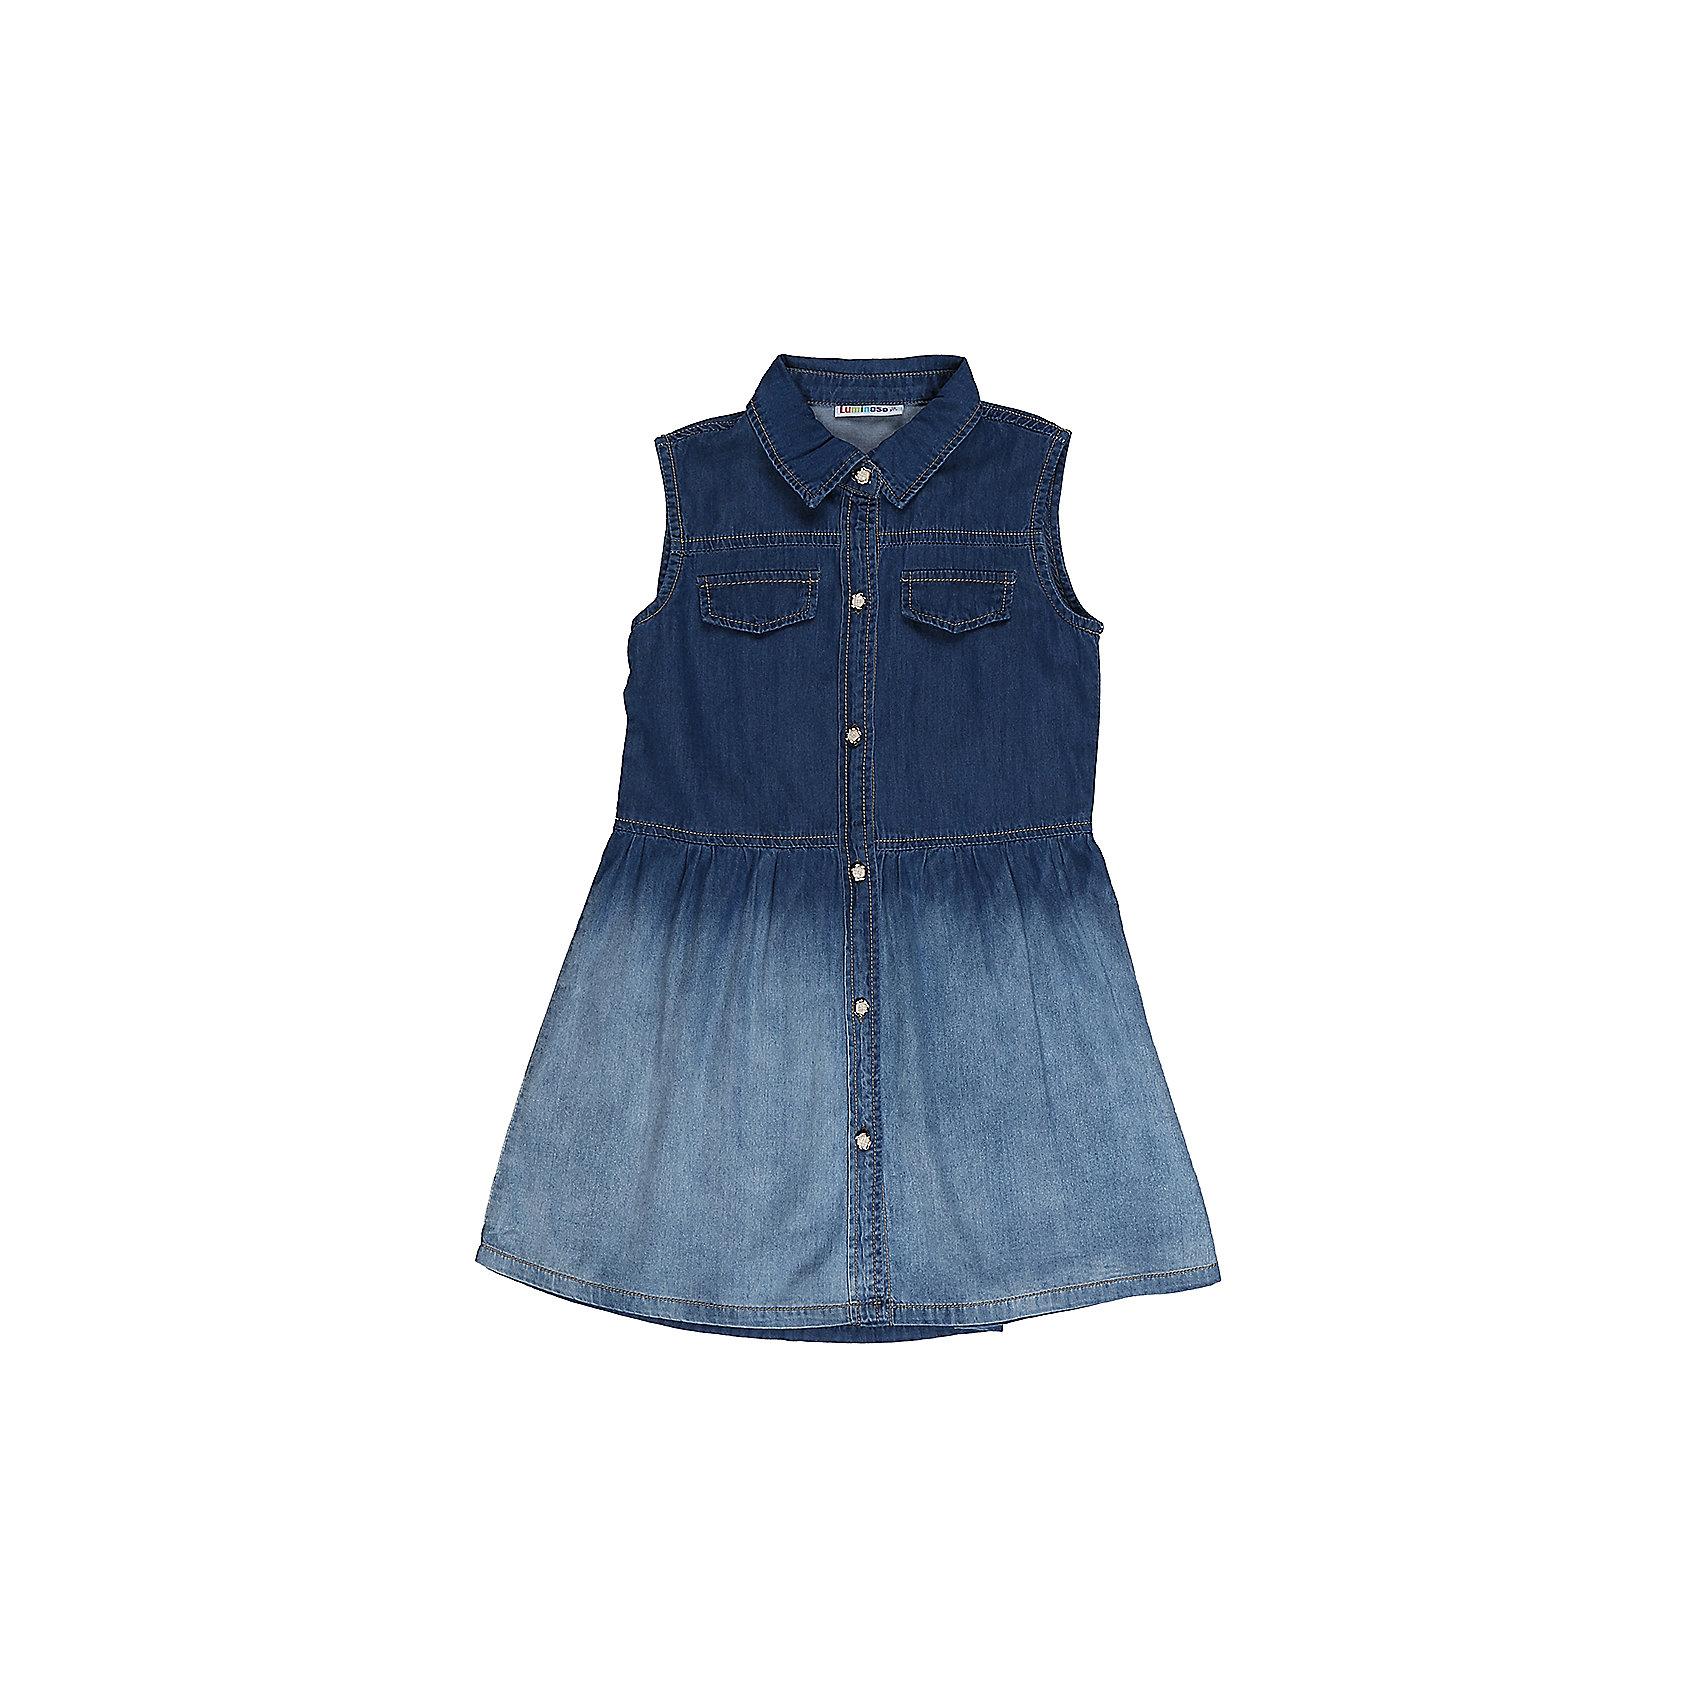 Платье джинсовое для девочки LuminosoДжинсовая одежда<br>Платье из тонкого хлопка под джинсу для девочки с отложным воротничком. Застегивается на оригинальные пуговки.<br>Состав:<br>98%хлопок 2%эластан<br><br>Ширина мм: 236<br>Глубина мм: 16<br>Высота мм: 184<br>Вес г: 177<br>Цвет: синий<br>Возраст от месяцев: 132<br>Возраст до месяцев: 144<br>Пол: Женский<br>Возраст: Детский<br>Размер: 152,146,140,134,164,158<br>SKU: 5413559